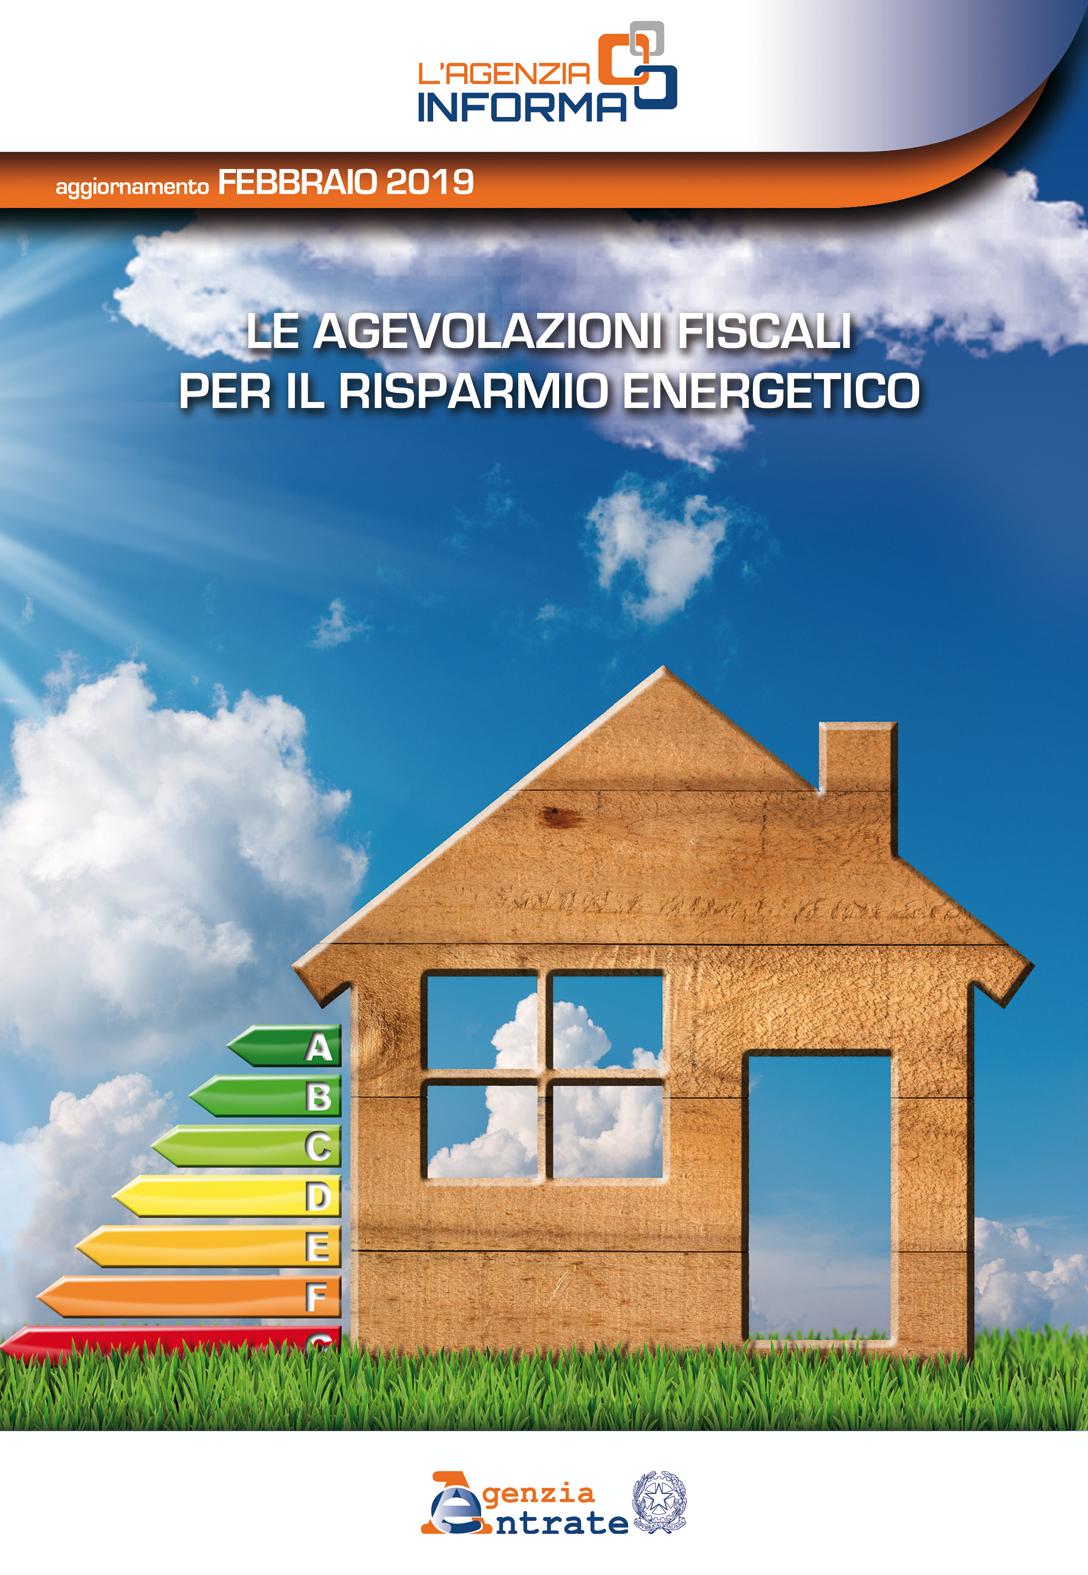 Guida dell'Agenzia delle Entrate – Le agevolazioni fiscali per il risparmio energetico – Febbraio 2019